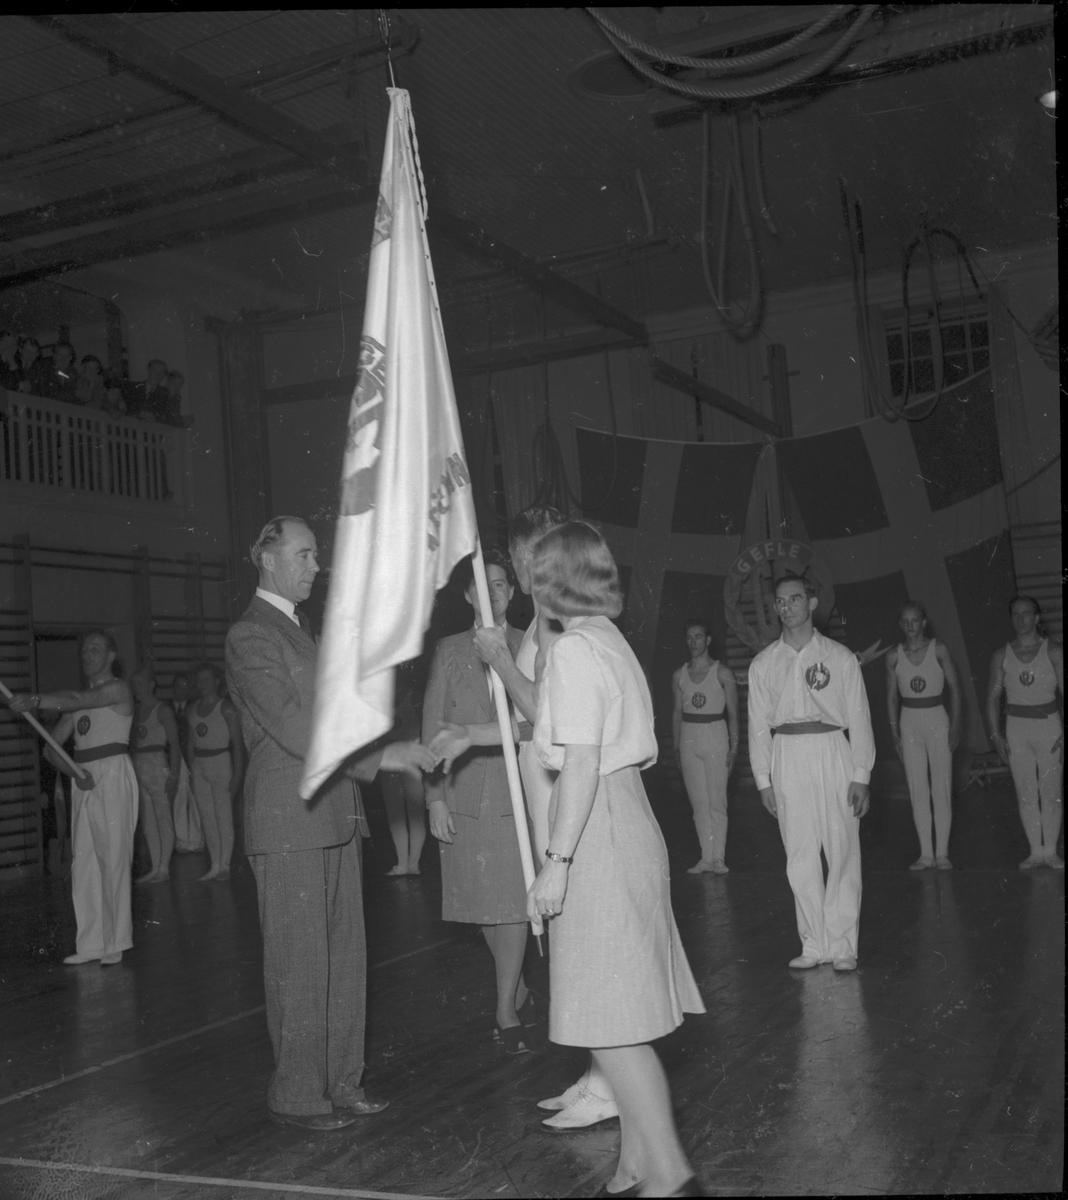 Gävle Gymnastikförenings 10-års jubileum. 1946